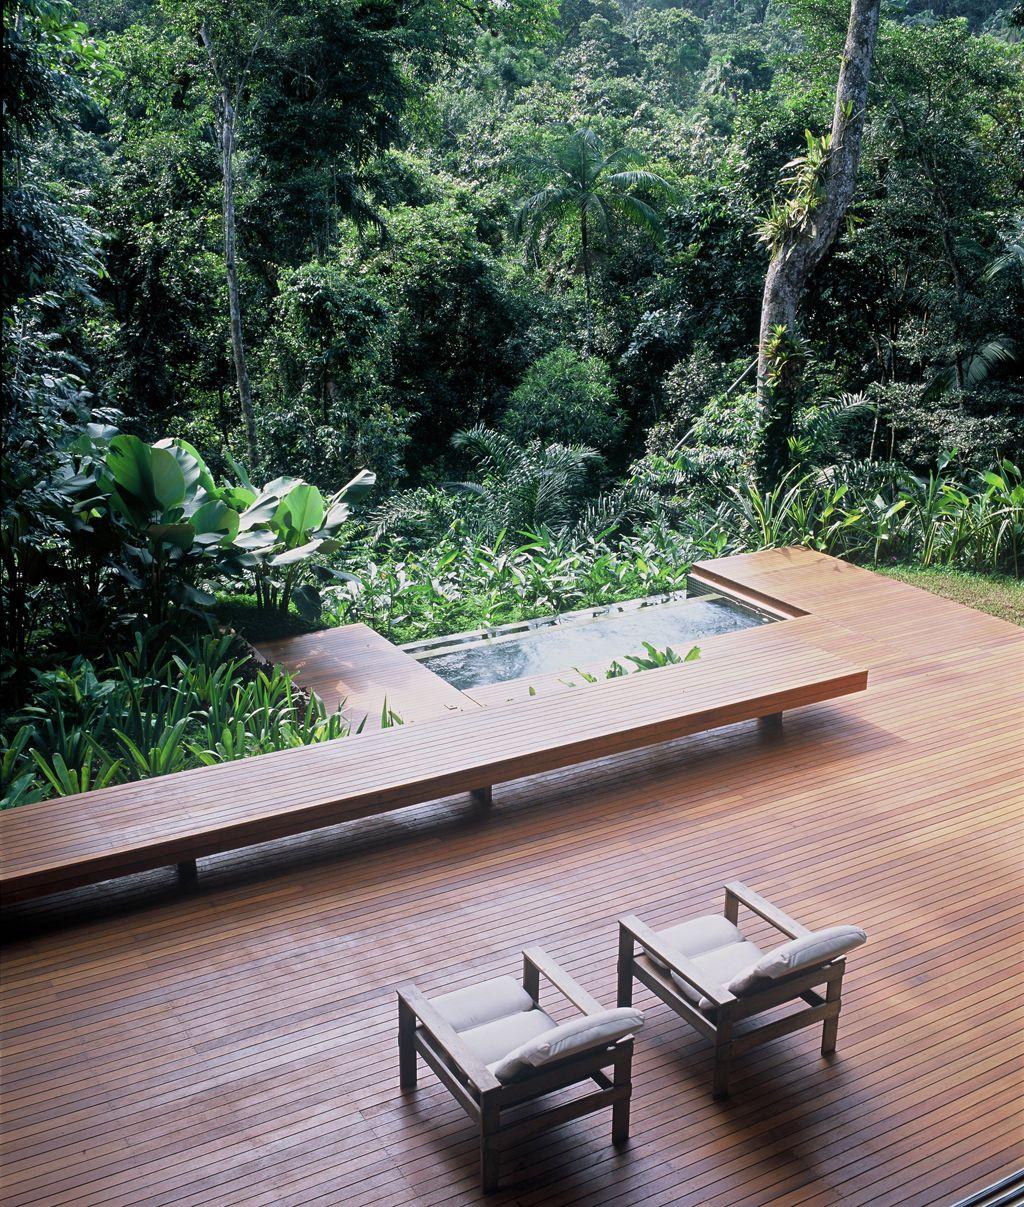 Adorei esse deck! Esse cenário é muito parecido com o que temos lá, inclusive a vegetação.